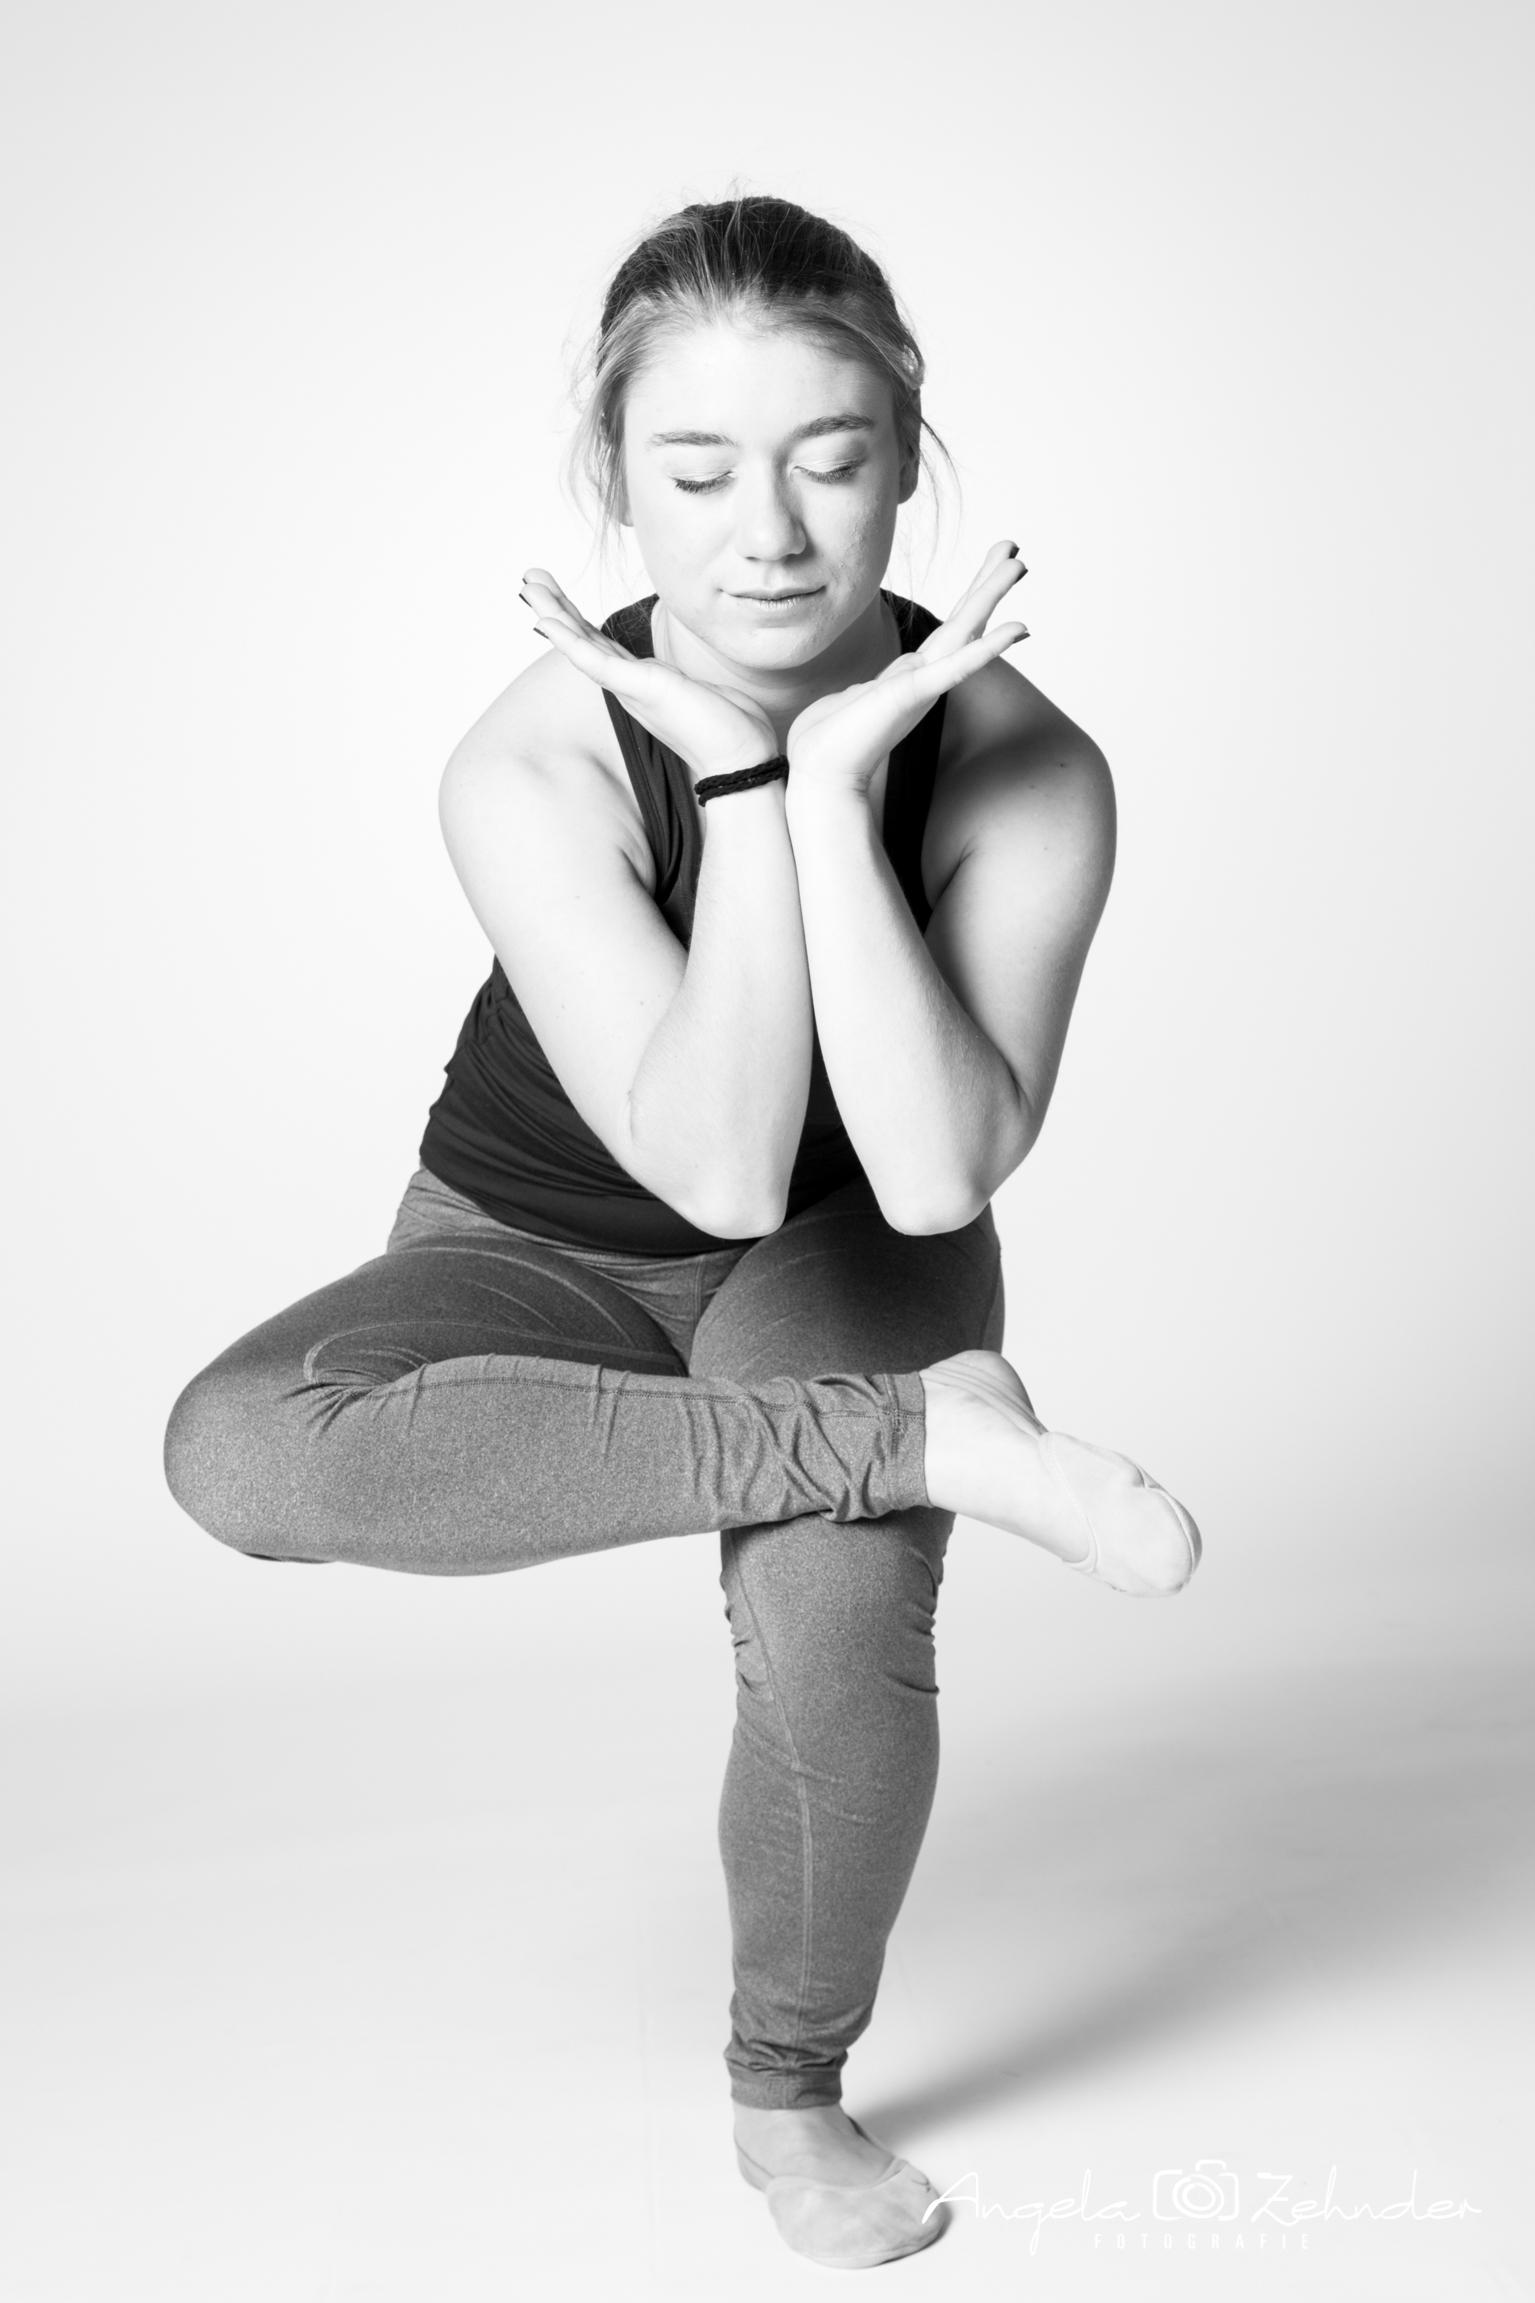 angel-zehnder-fotografie-portrait-49